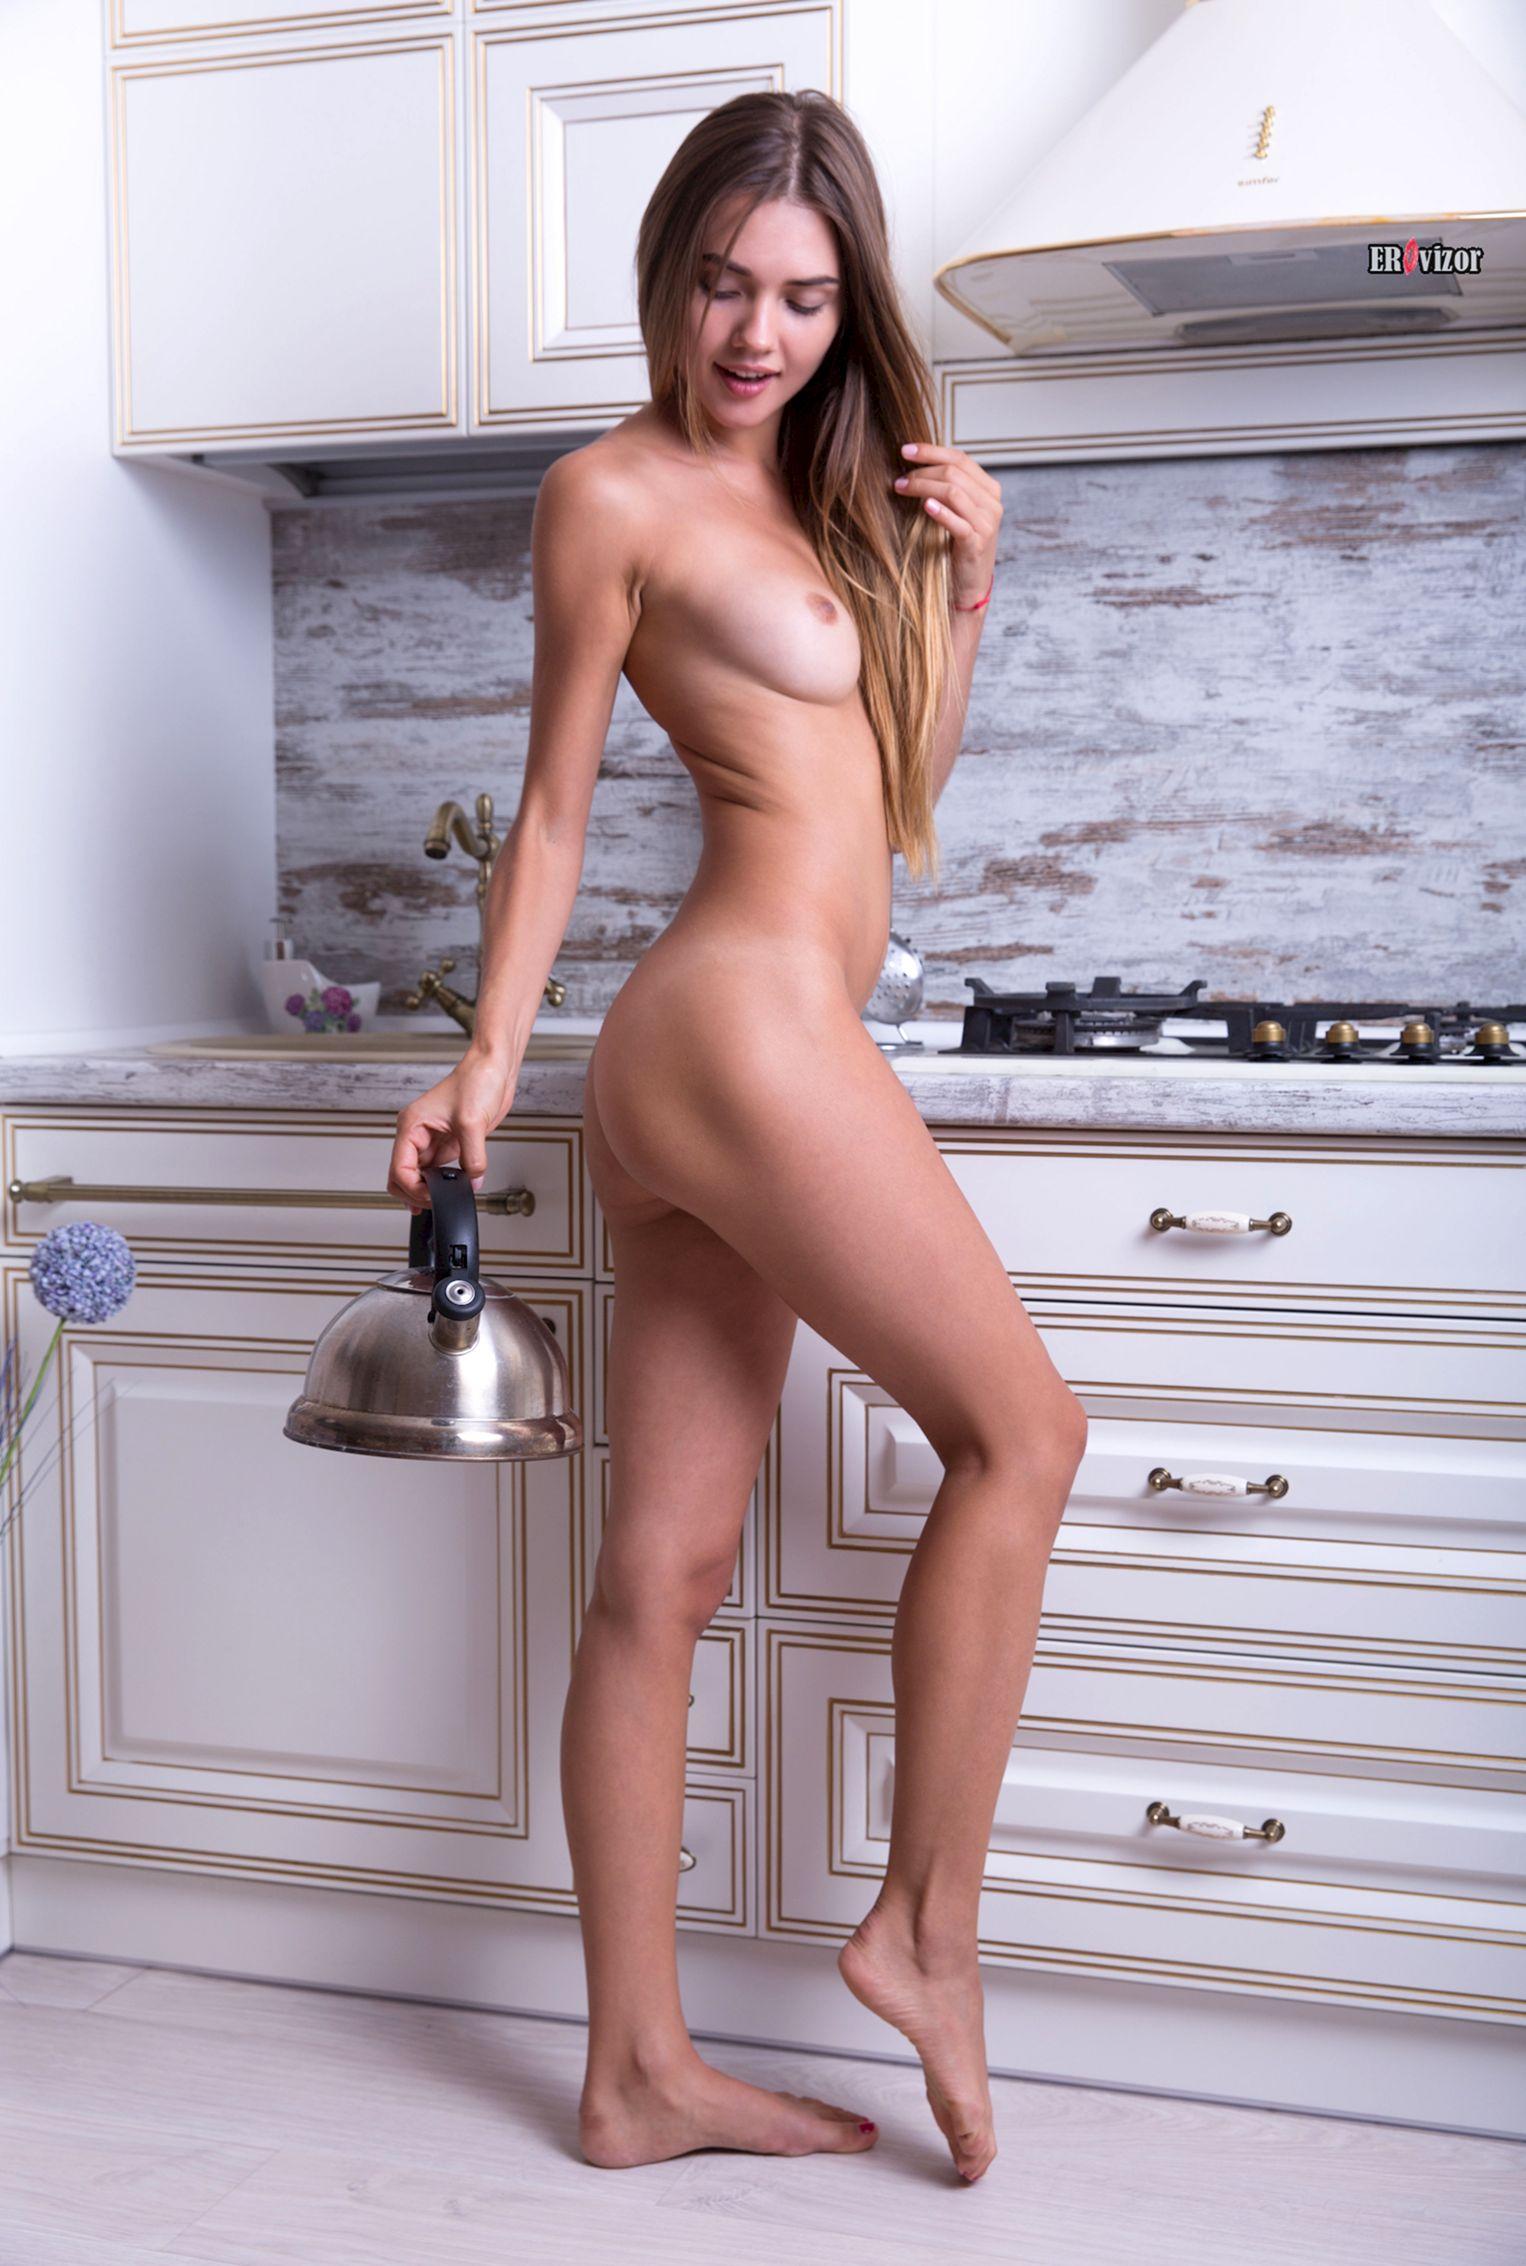 sexy_Georgia_naked_kitchen (2)